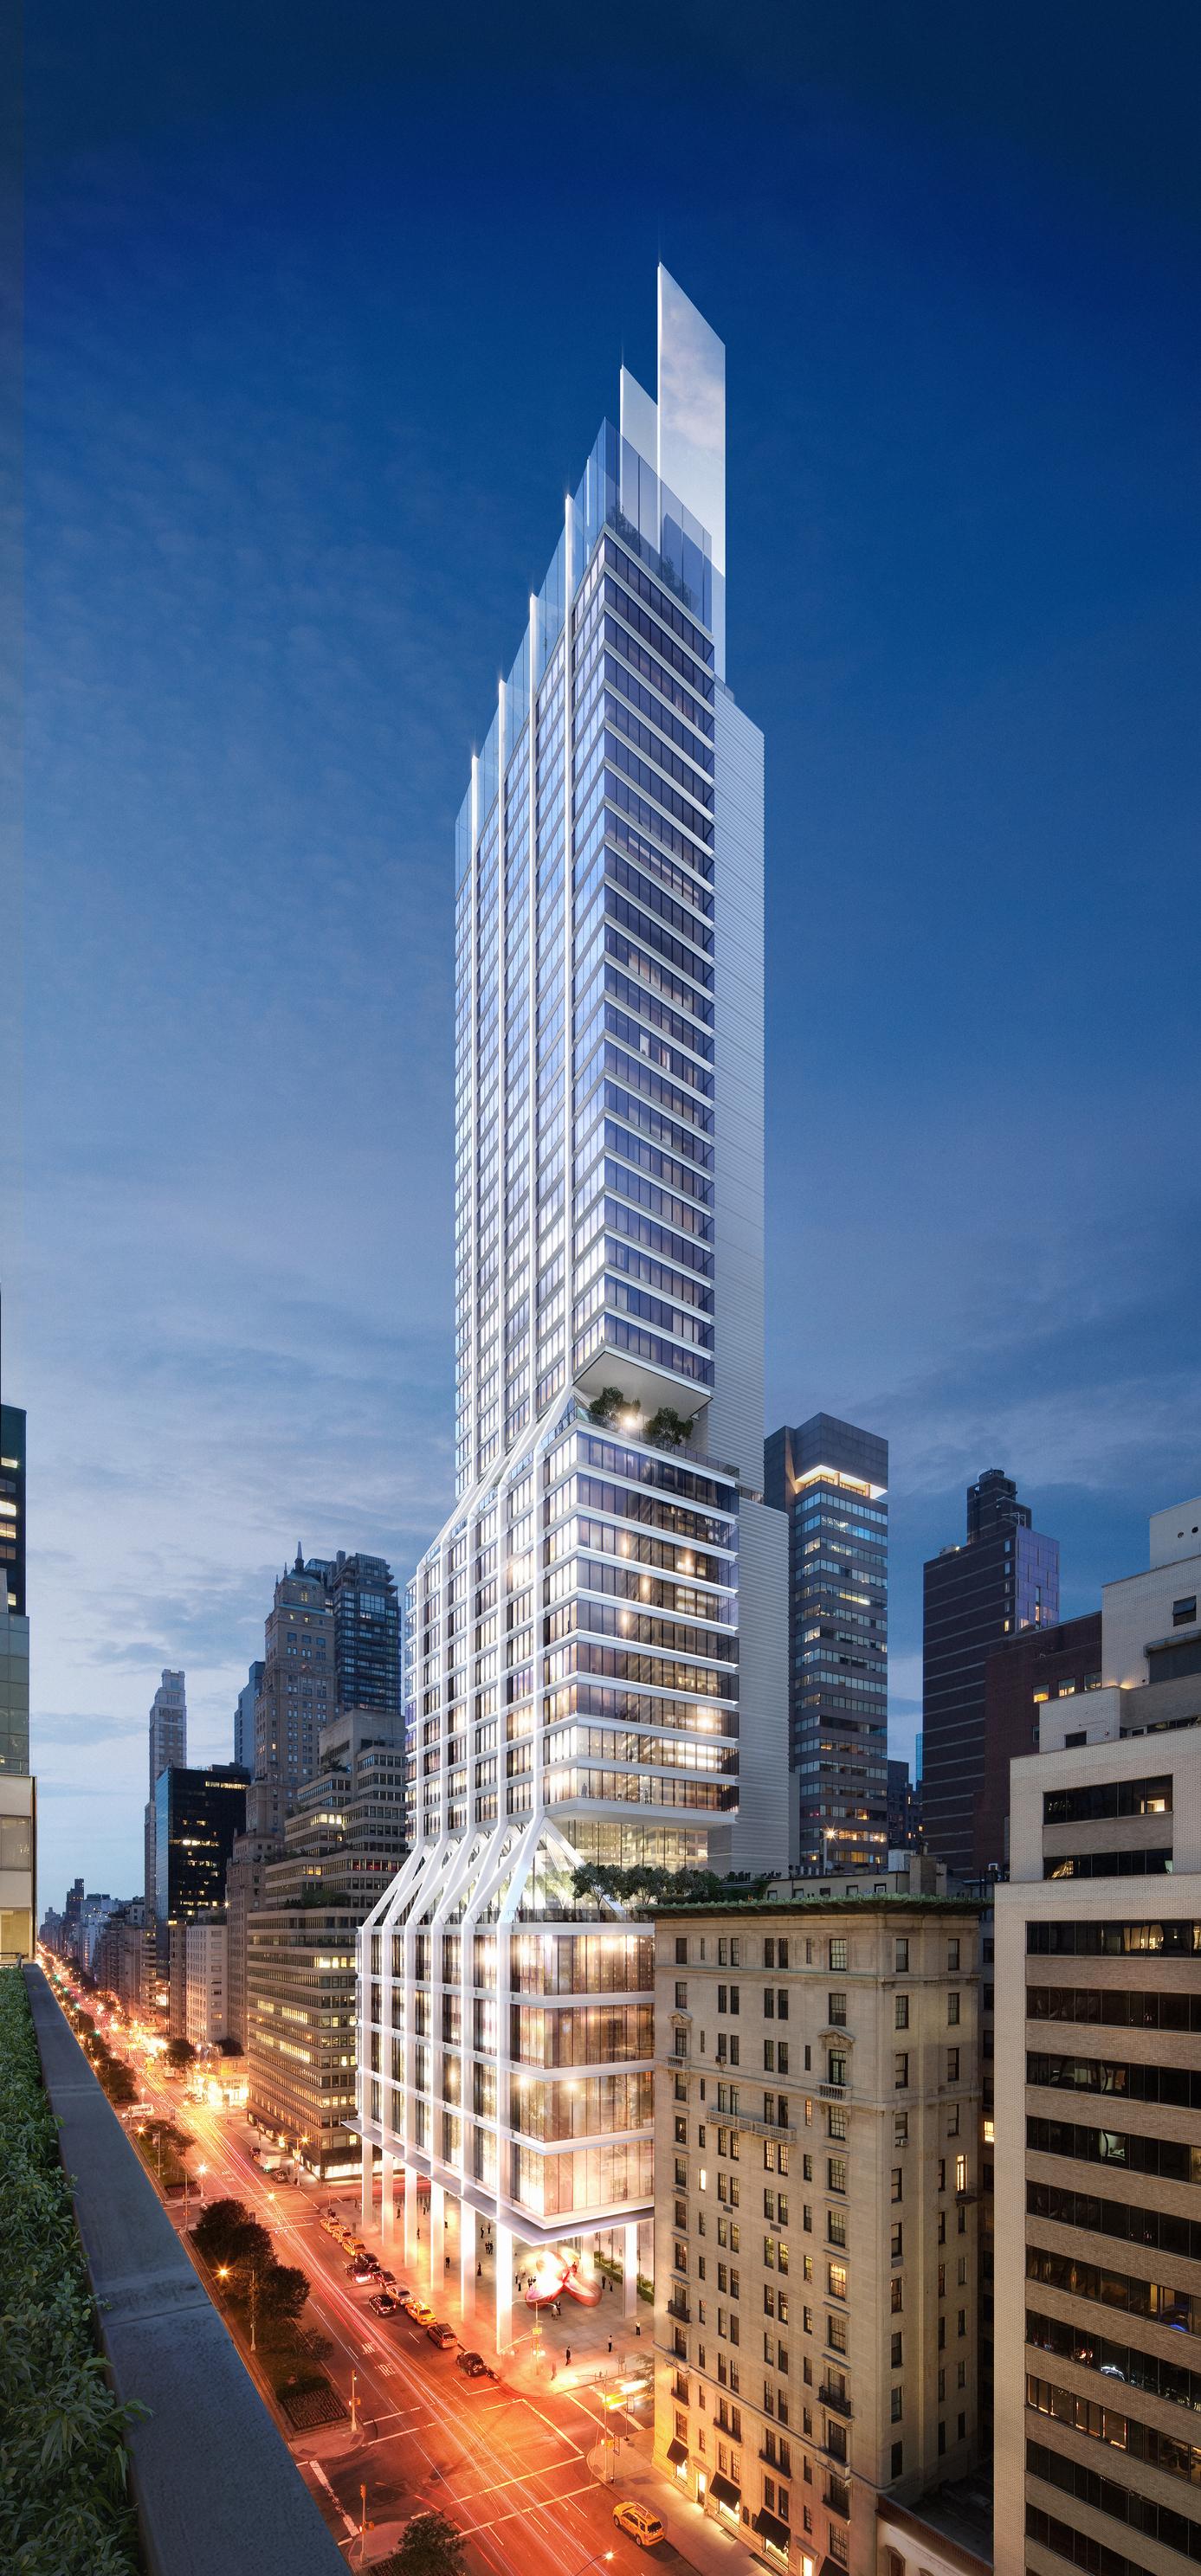 Foster + Partners projetam novo edifício ícone de Manhattan, 425 Park Avenue - Imagem via dbox branding & creative for Foster + Partners